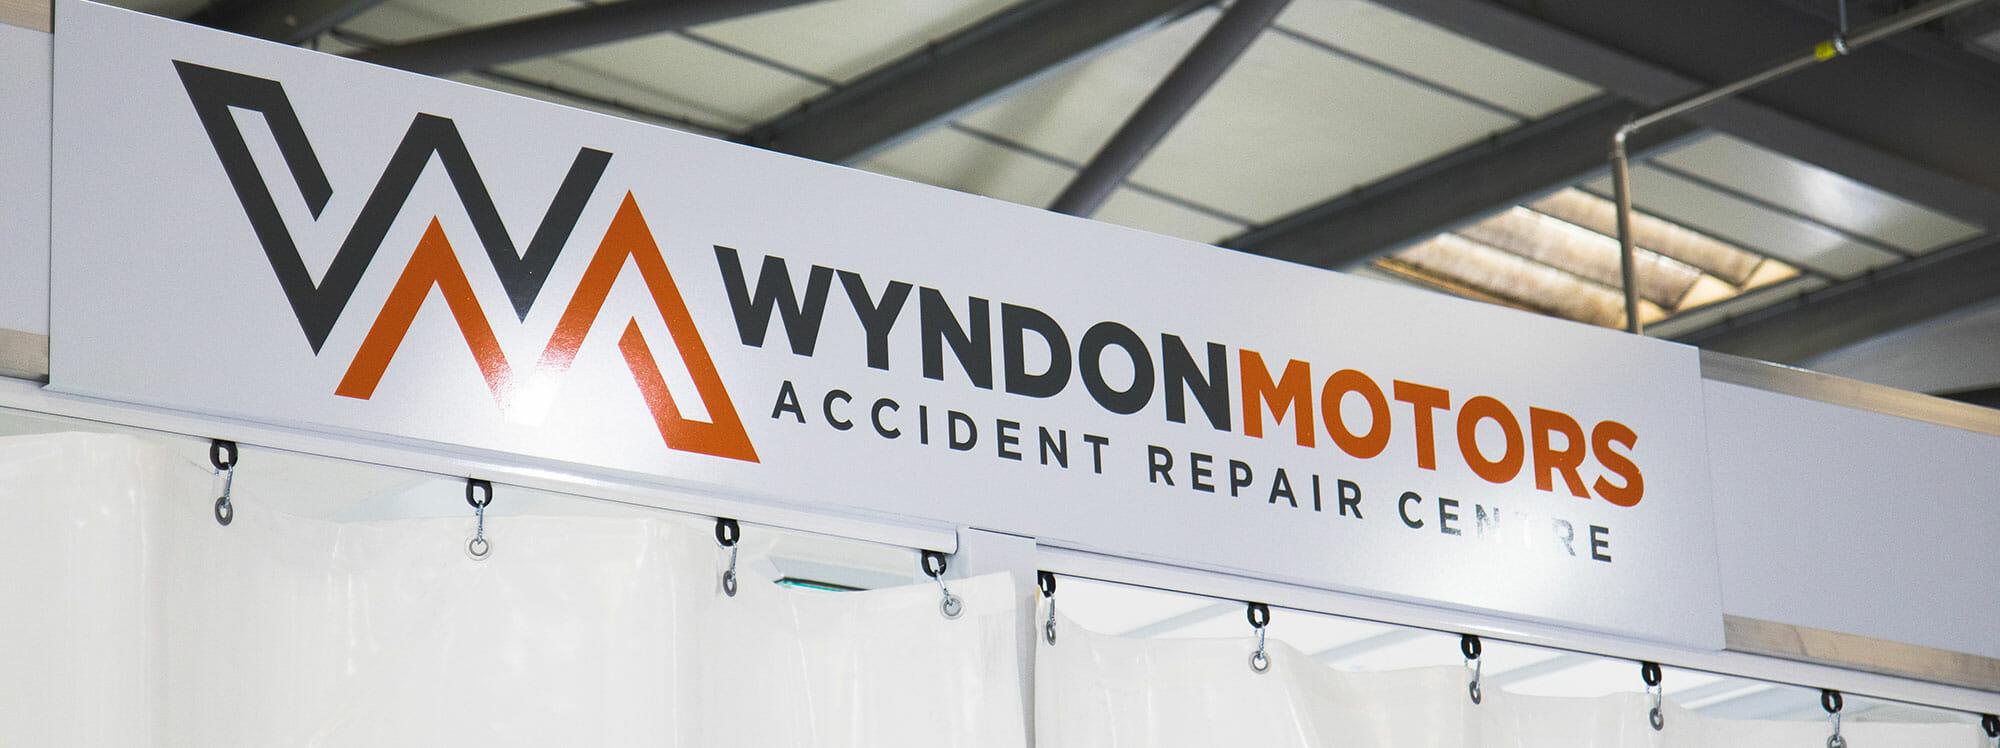 wyndon spray booth signage